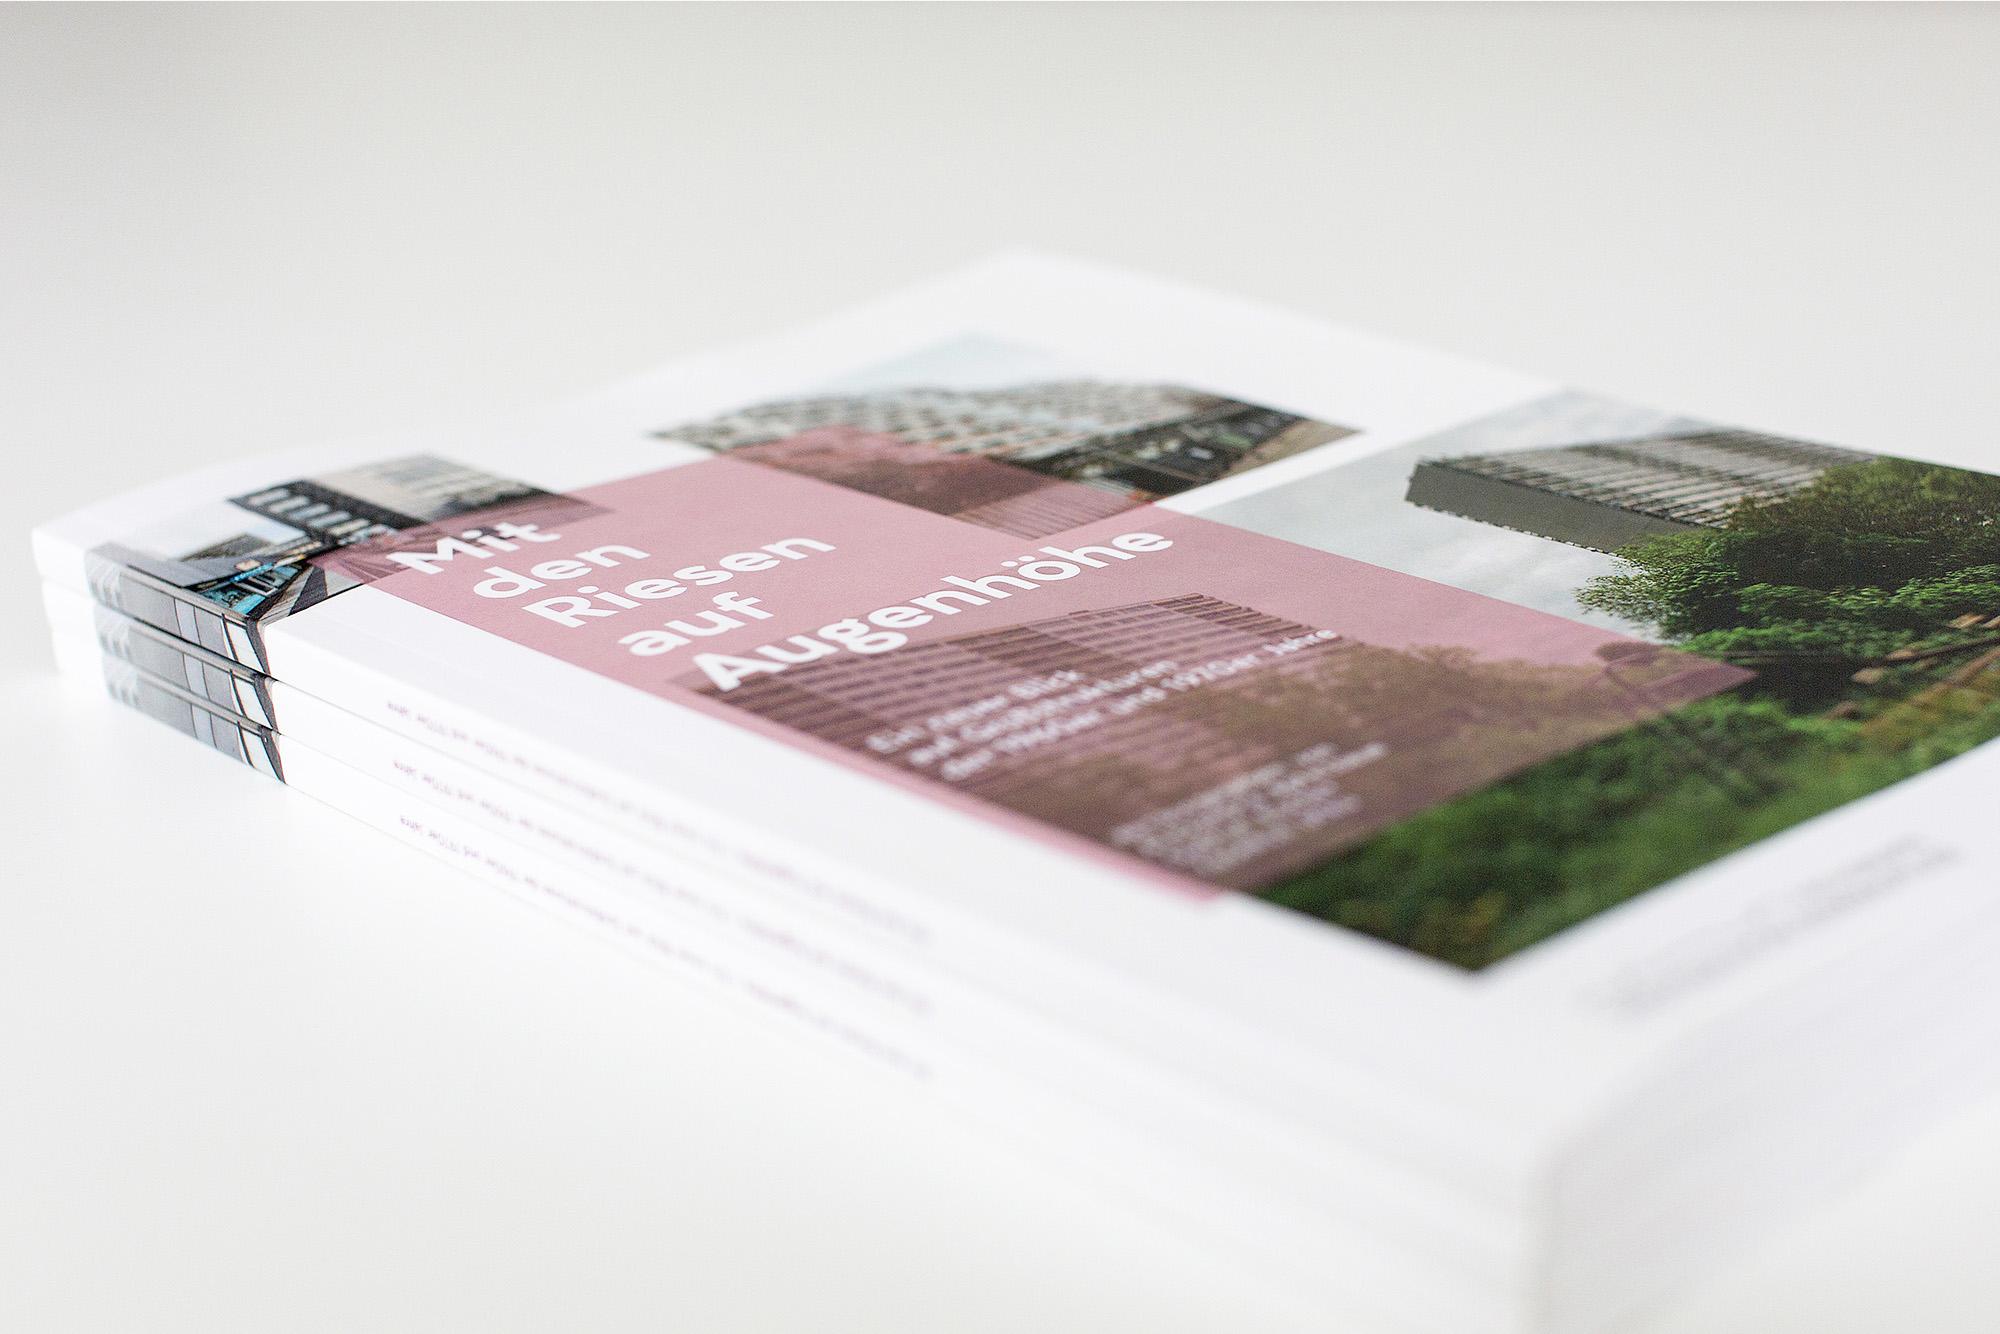 BüroBayer – Grafikdesign, Webdesign, Corporate Design aus Dortmund - Büro für Gestaltung Projekte